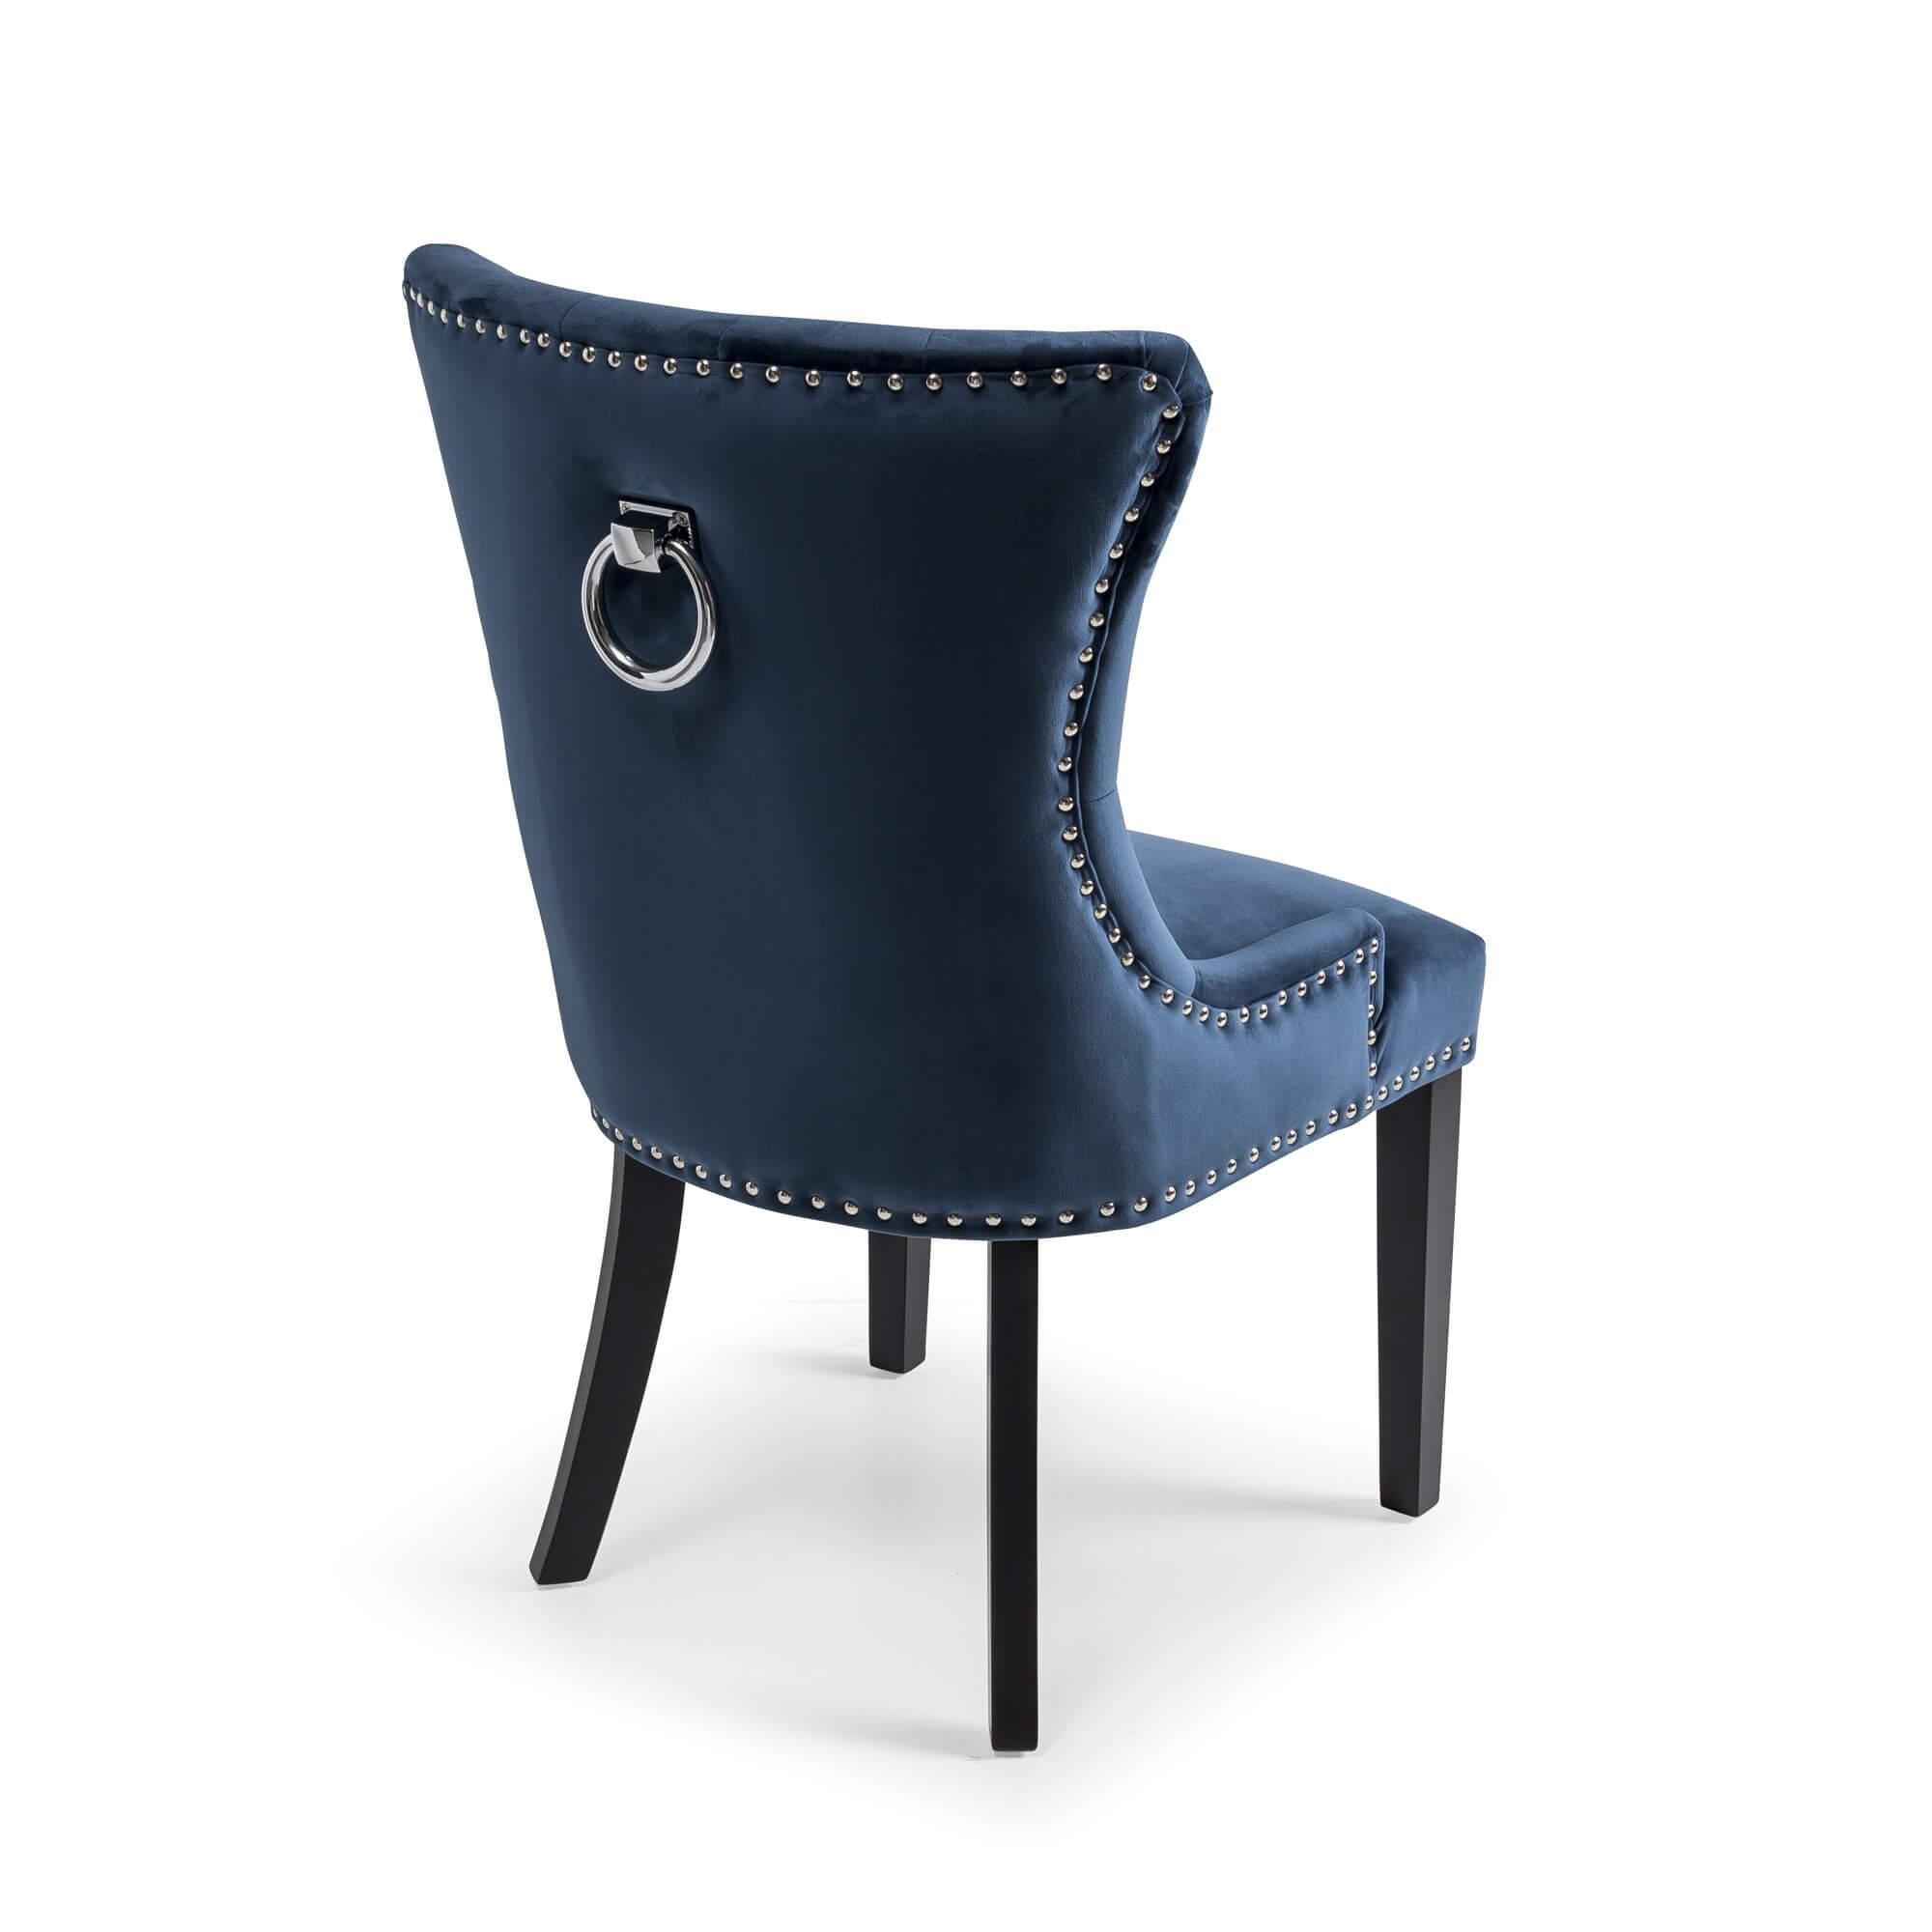 Dark Blue Brushed Velvet Dining Chair with Black Wooden Legs